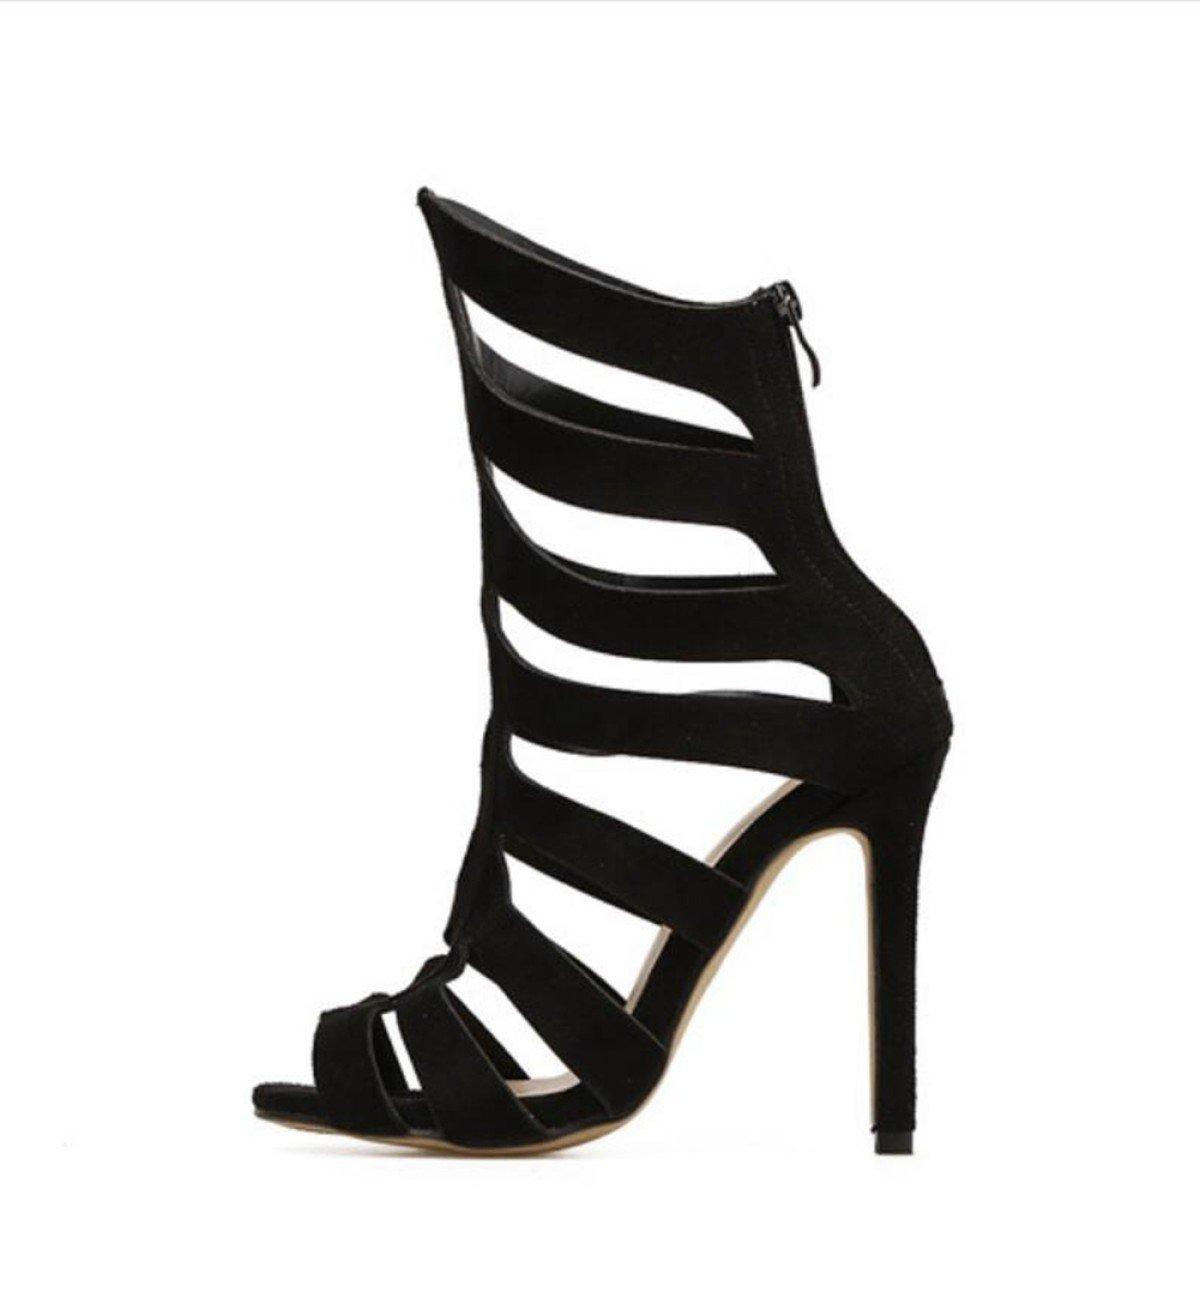 LINYI Damenschuhe Stiletto Heels 2018 Sommer Schwarz Striped Open-Toe Sandalen Sandalen Sandalen B07BLTT3FK Sport- & Outdoorschuhe Britisches Temperament 9eb18a